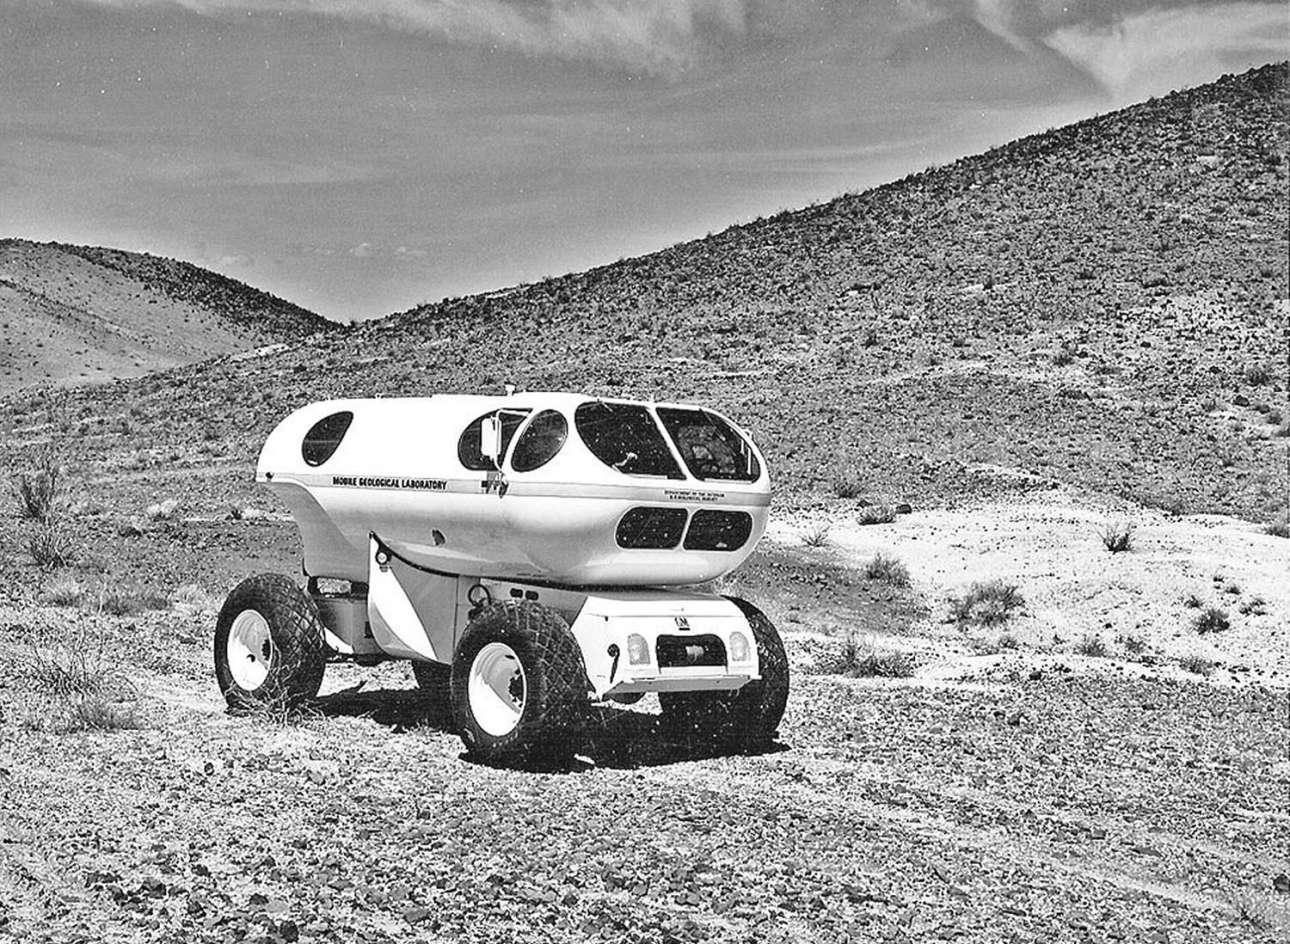 Δοκιμές ενός κινητού γεωλογικού εργαστηρίου, του Mobile Geological Laboratory (MOLAB), στην έρημο της Αριζόνα το 1966